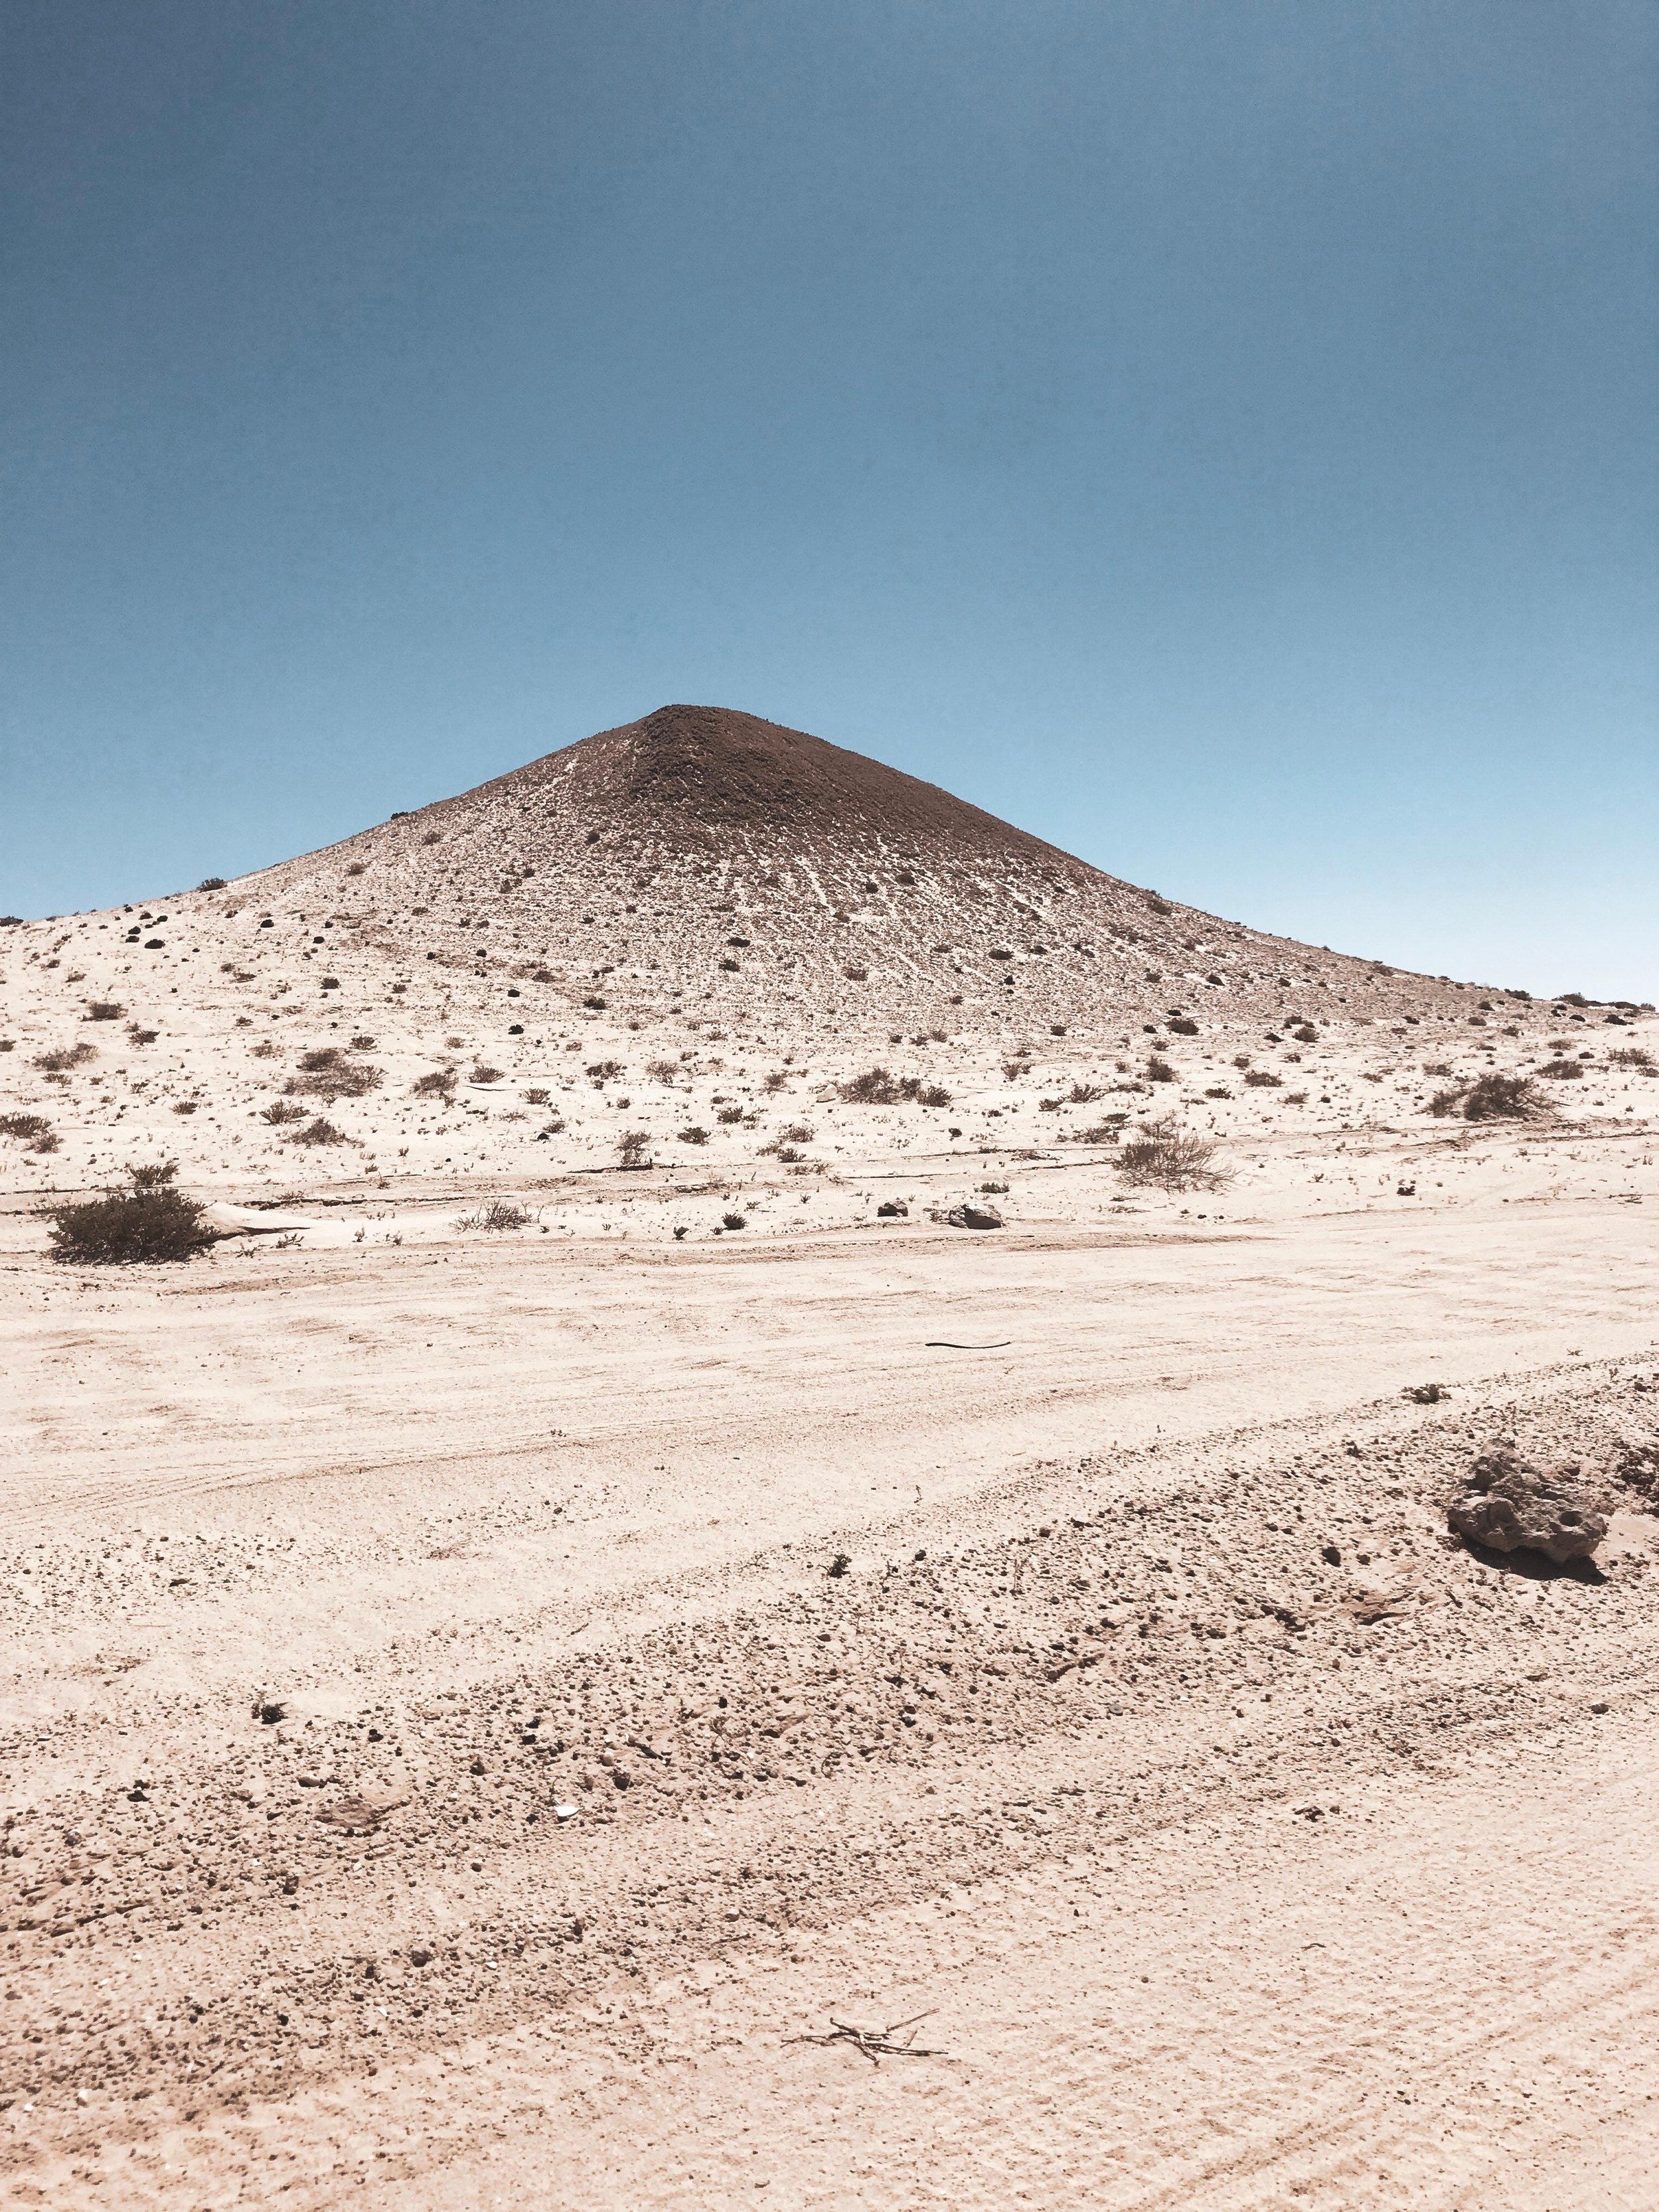 Western Sahara sand dunes by SIXFOUR